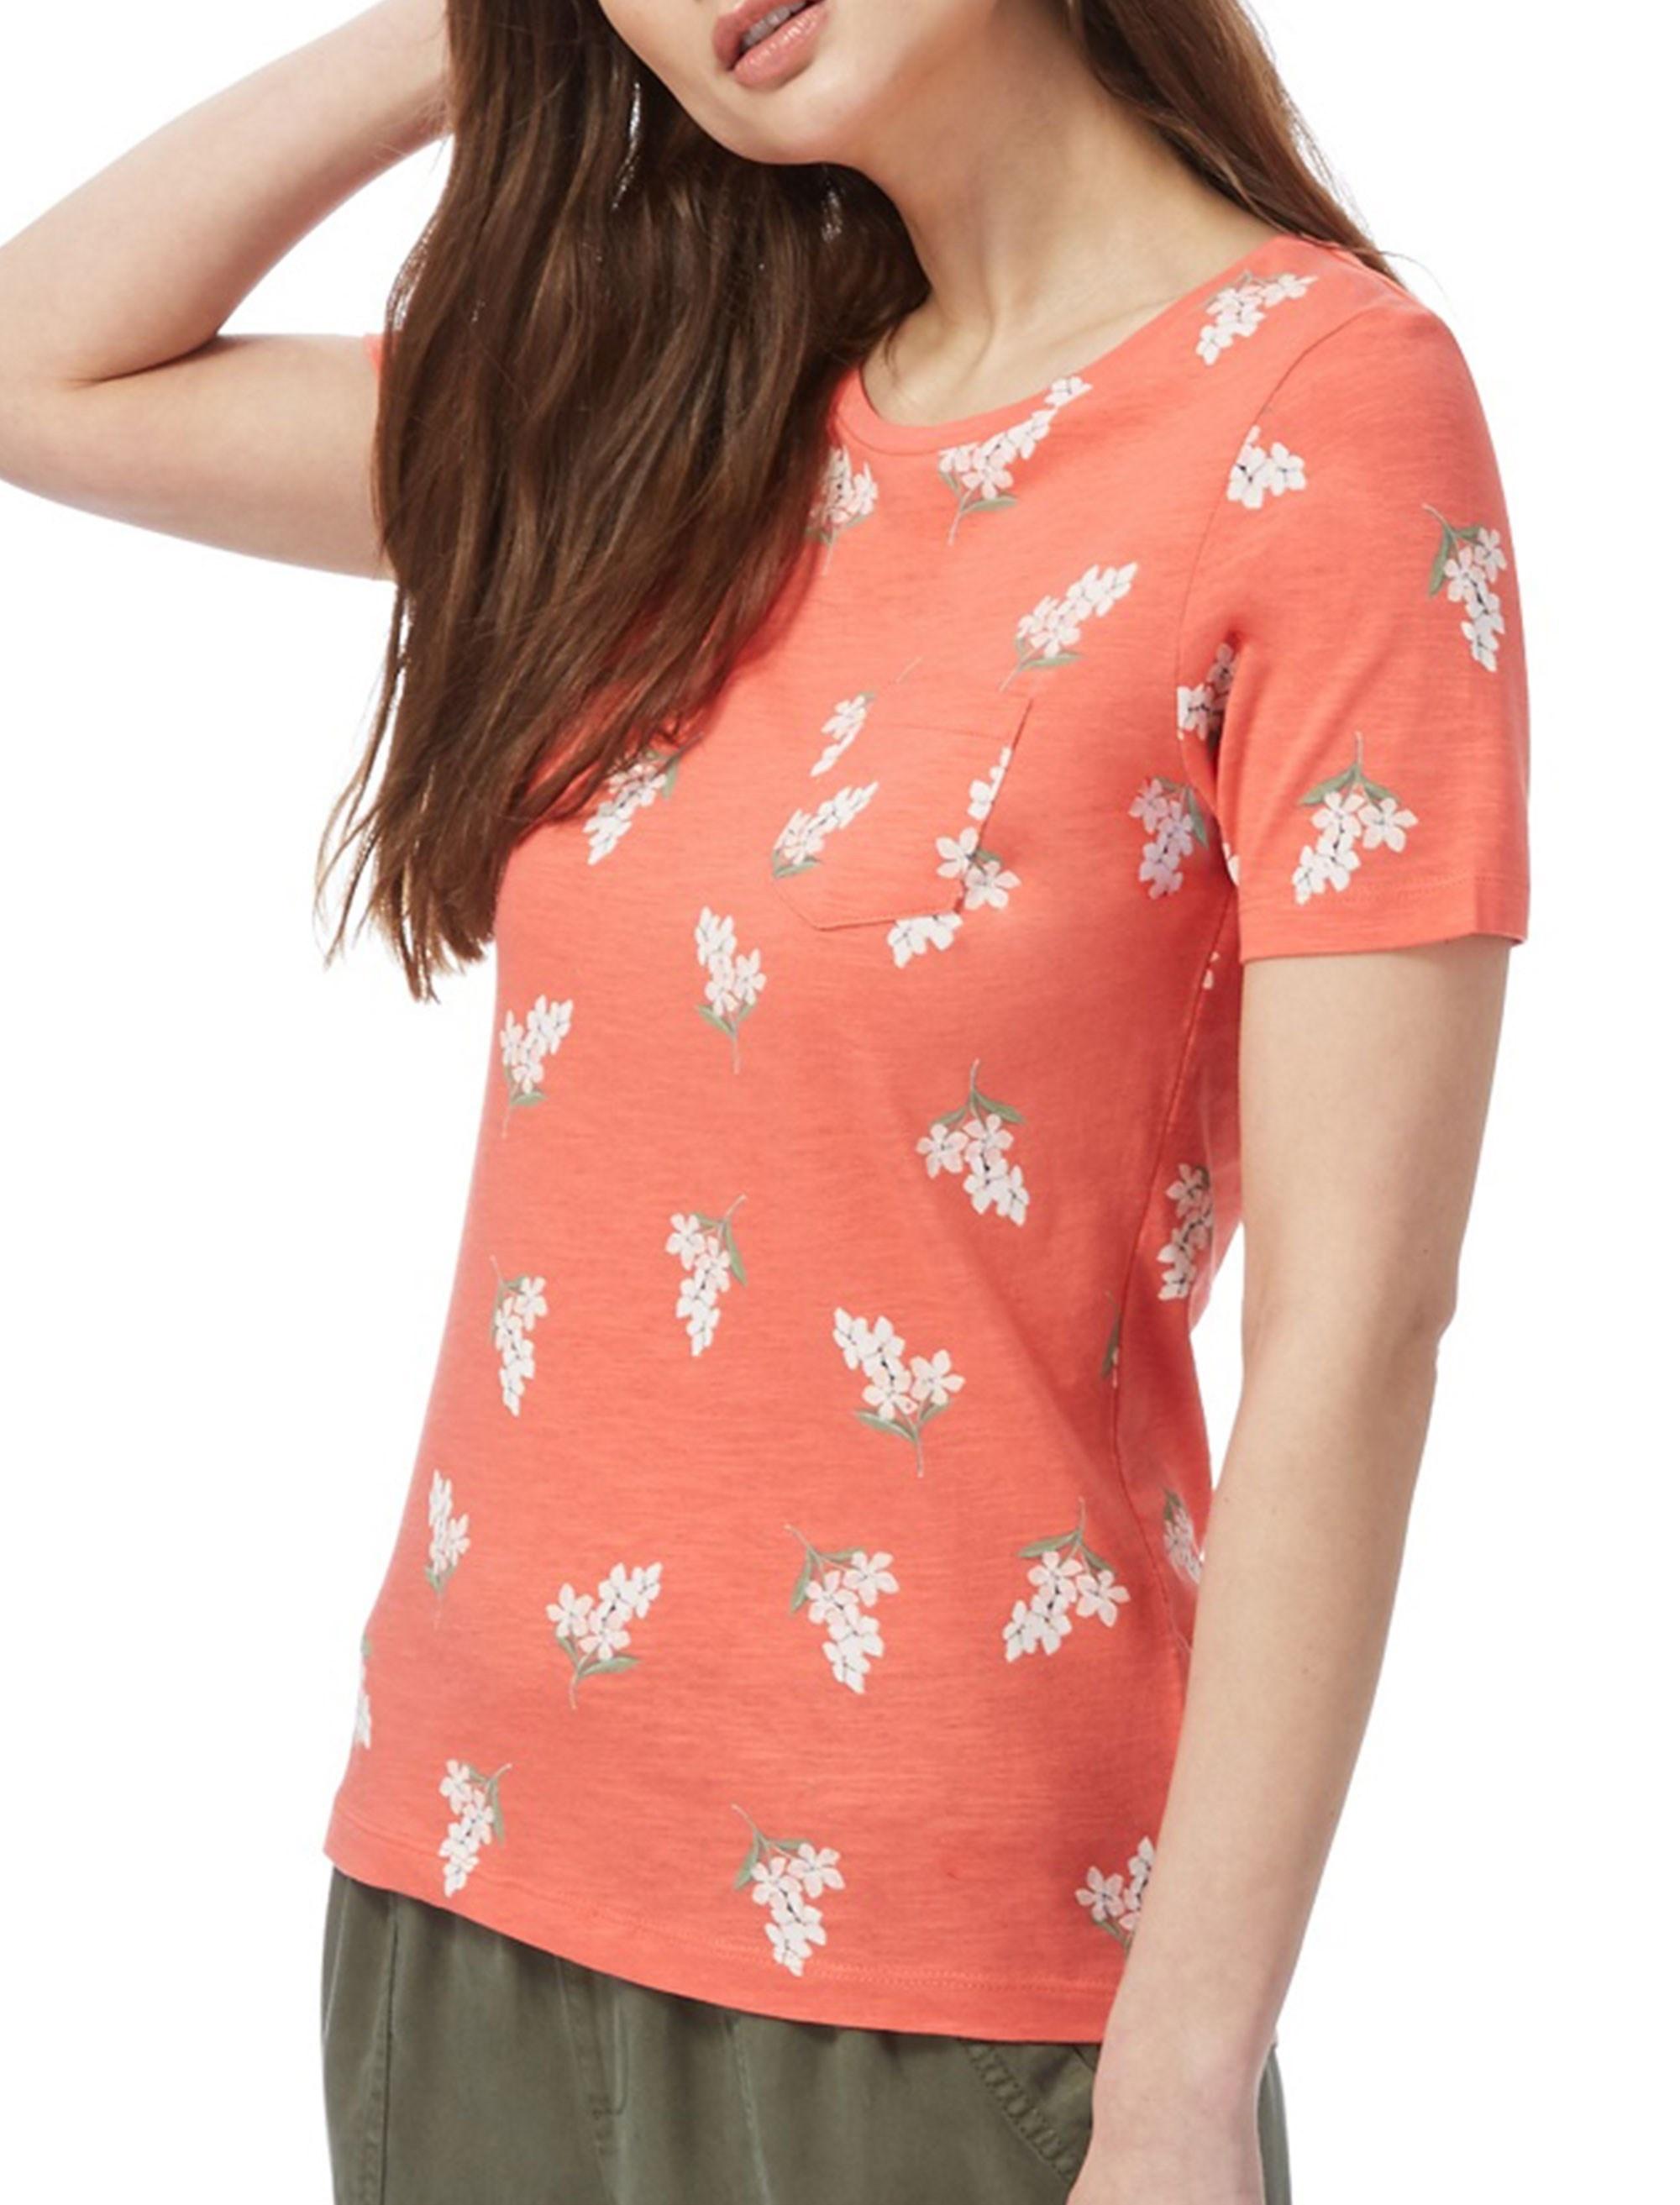 تی شرت نخی یقه گرد زنانه - کالکشن - نارنجي - 1